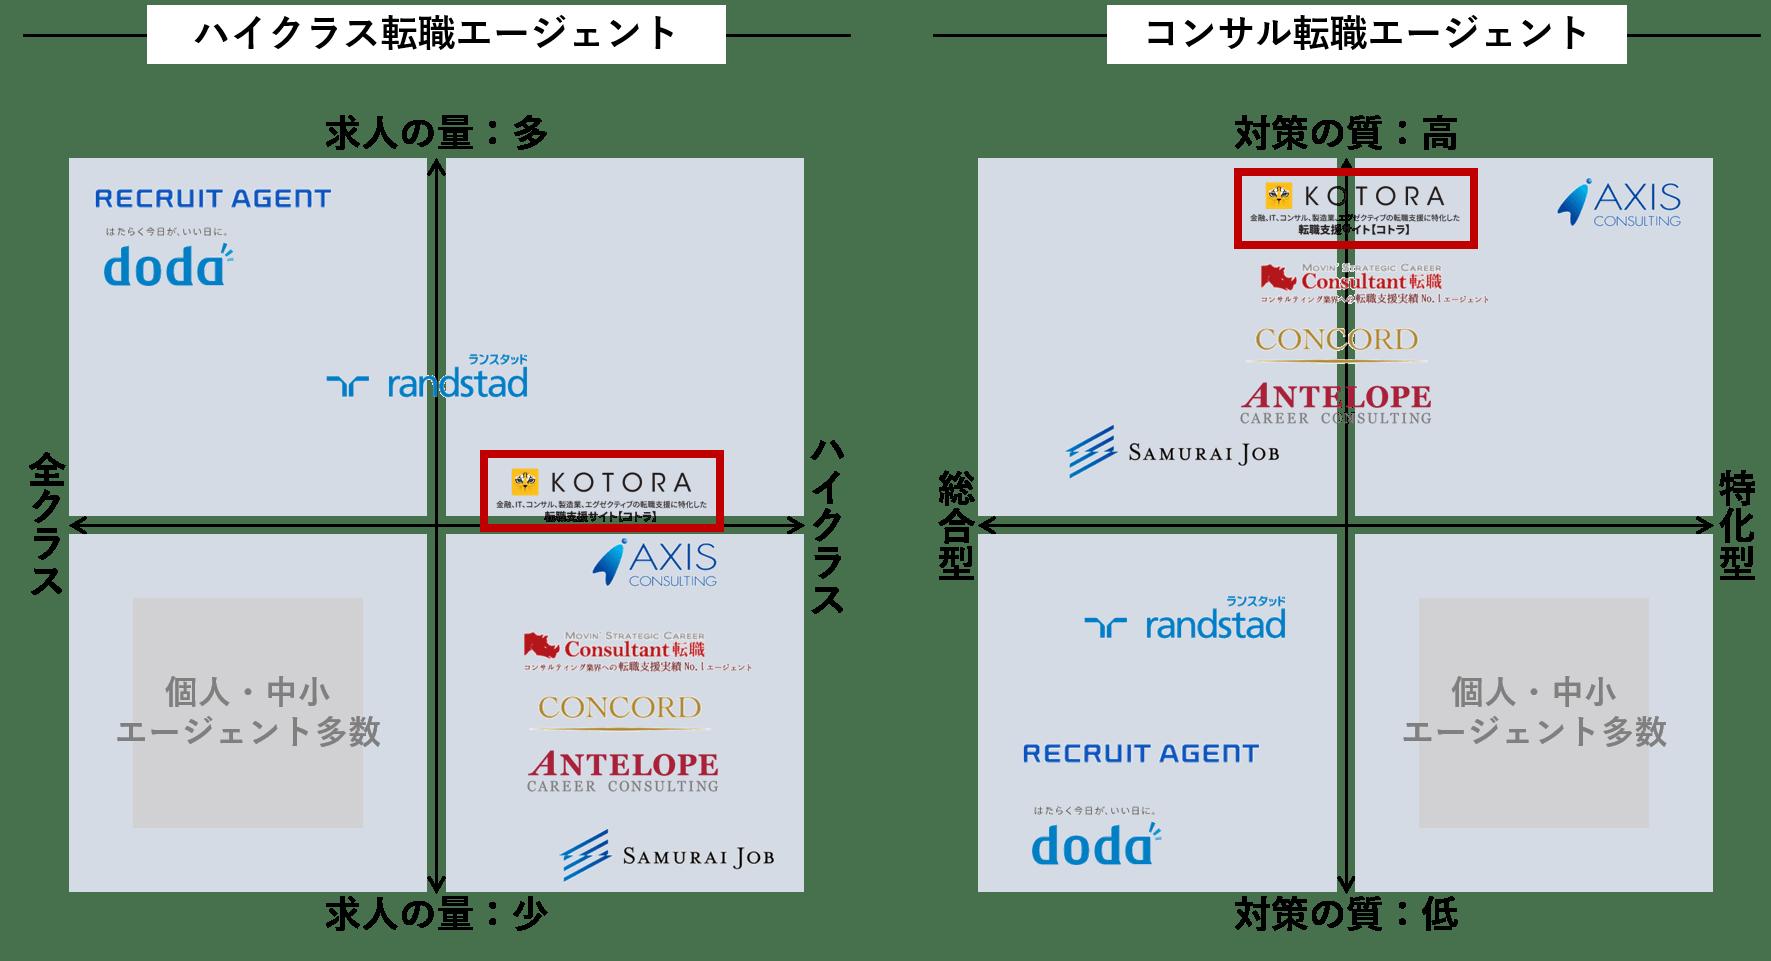 コトラ_比較表